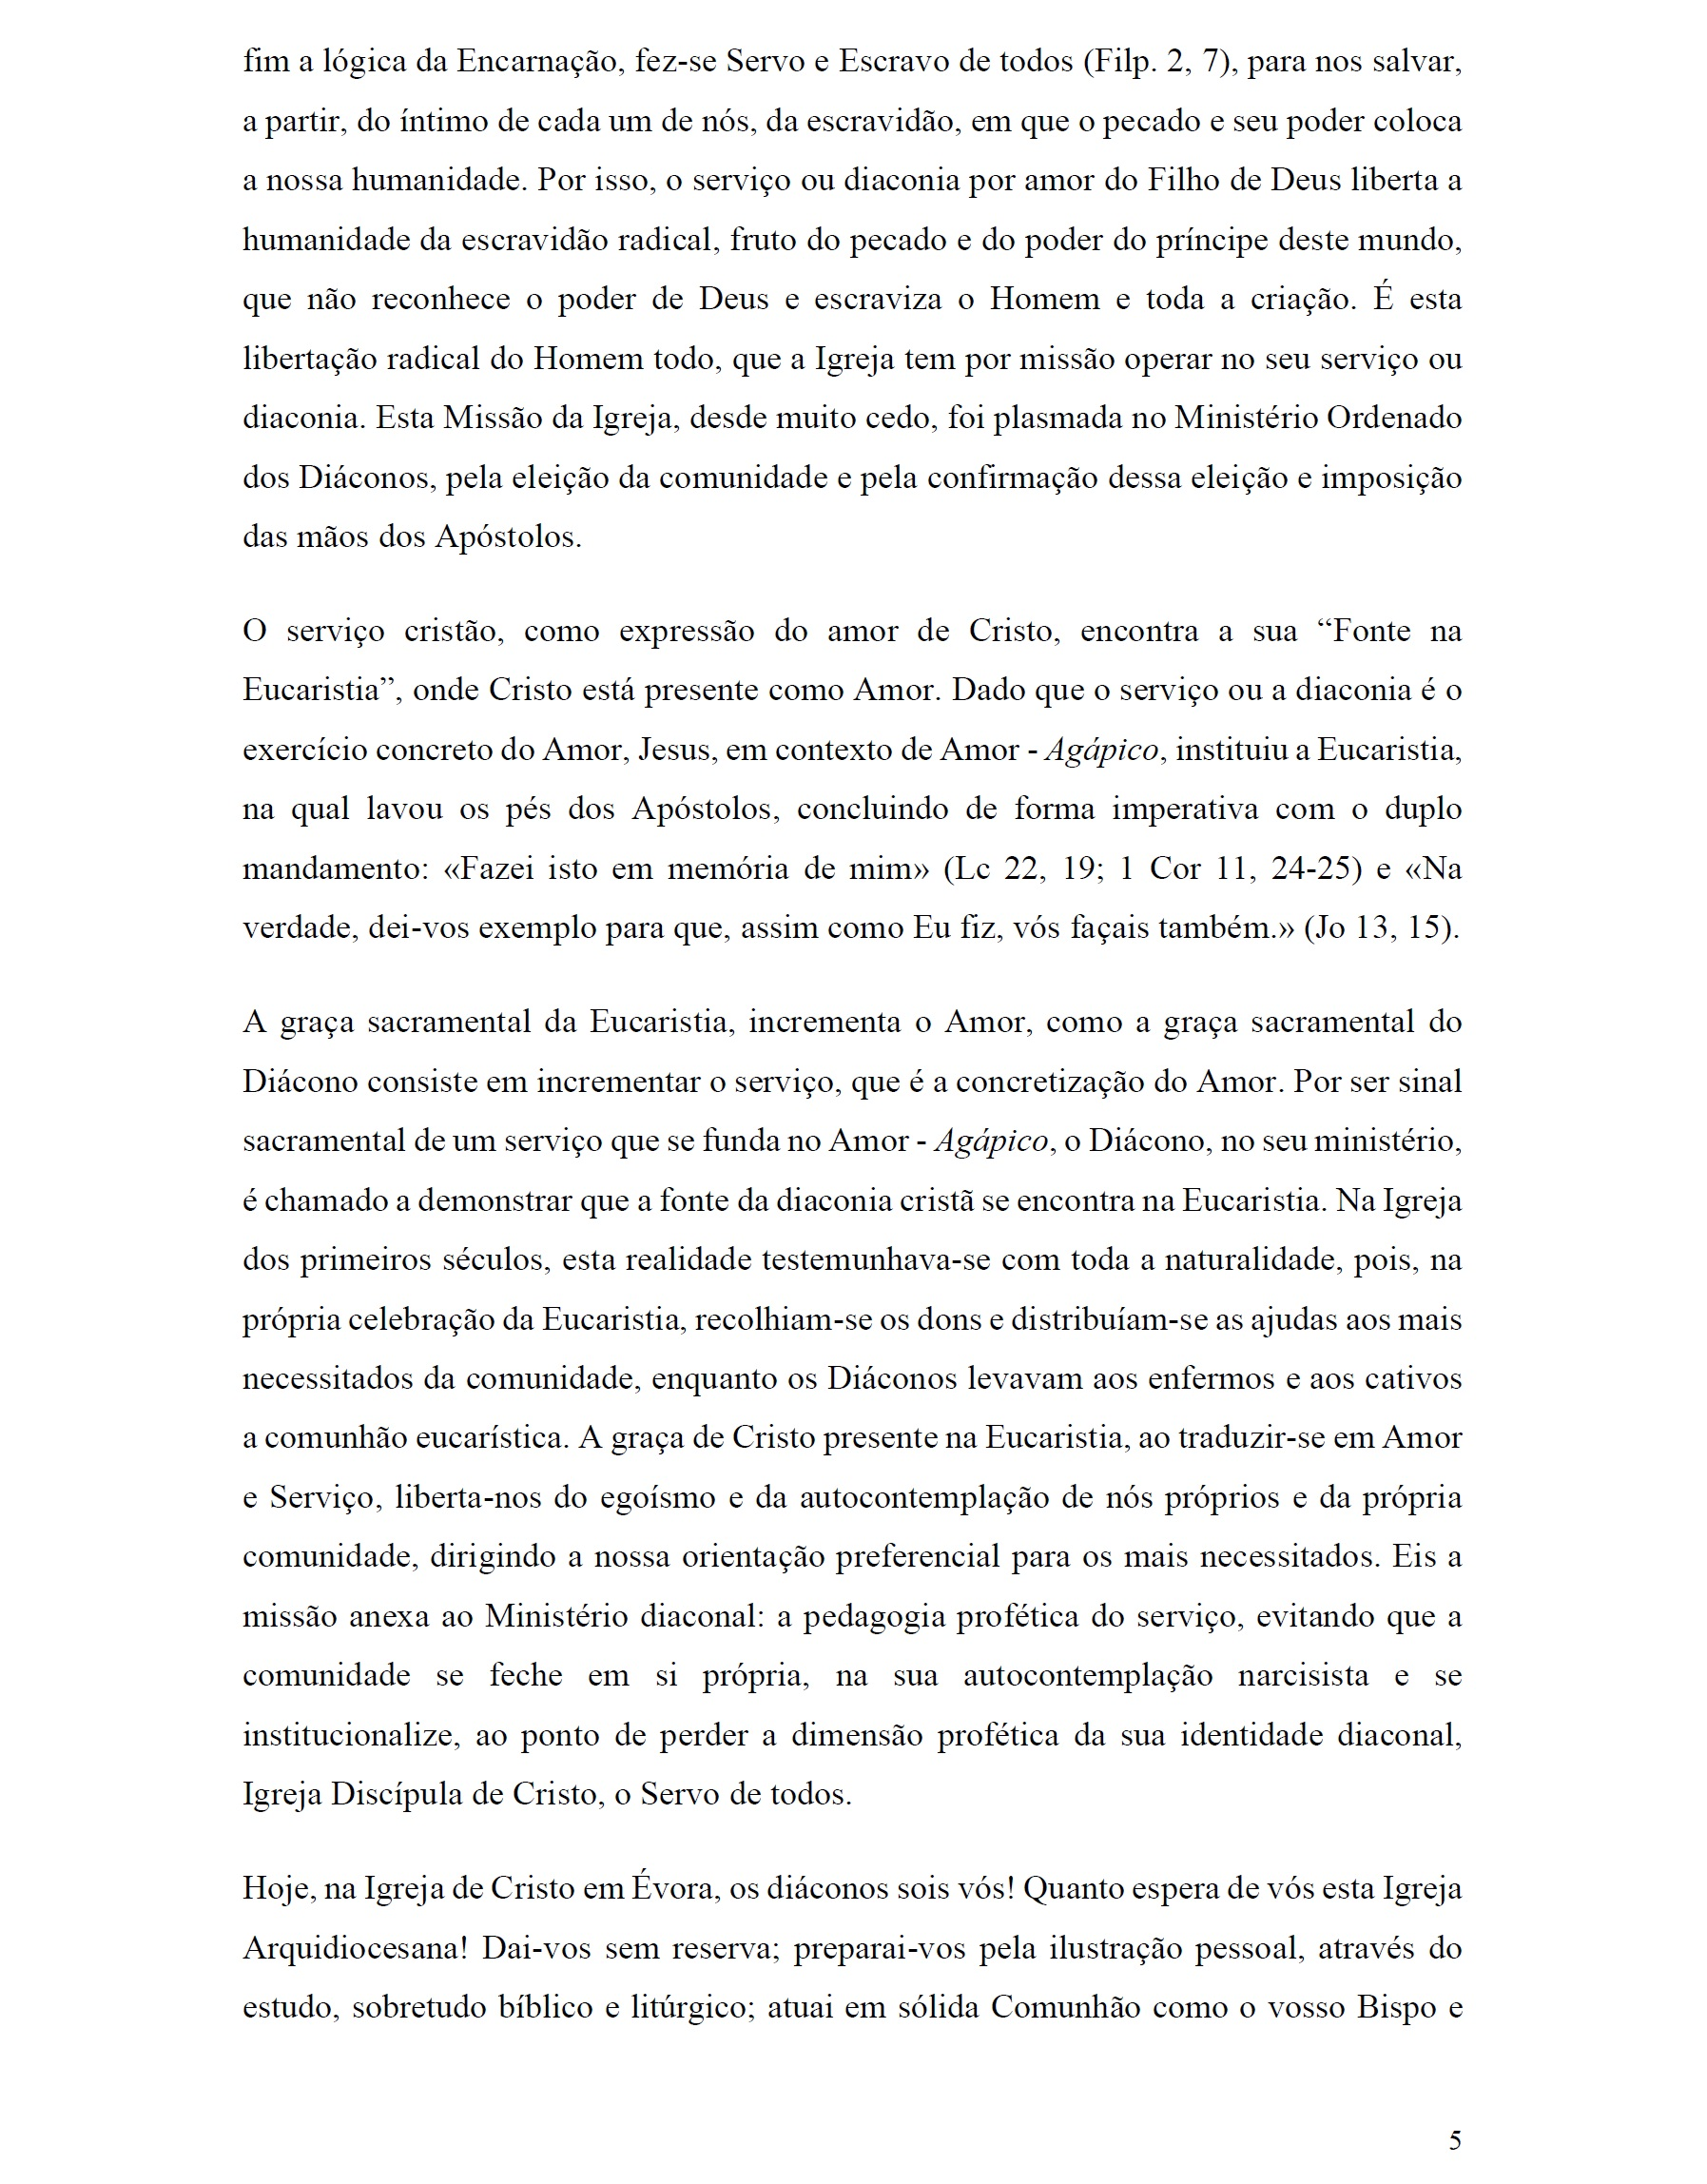 3 - Carta aos diáconos 03_04_2020_5